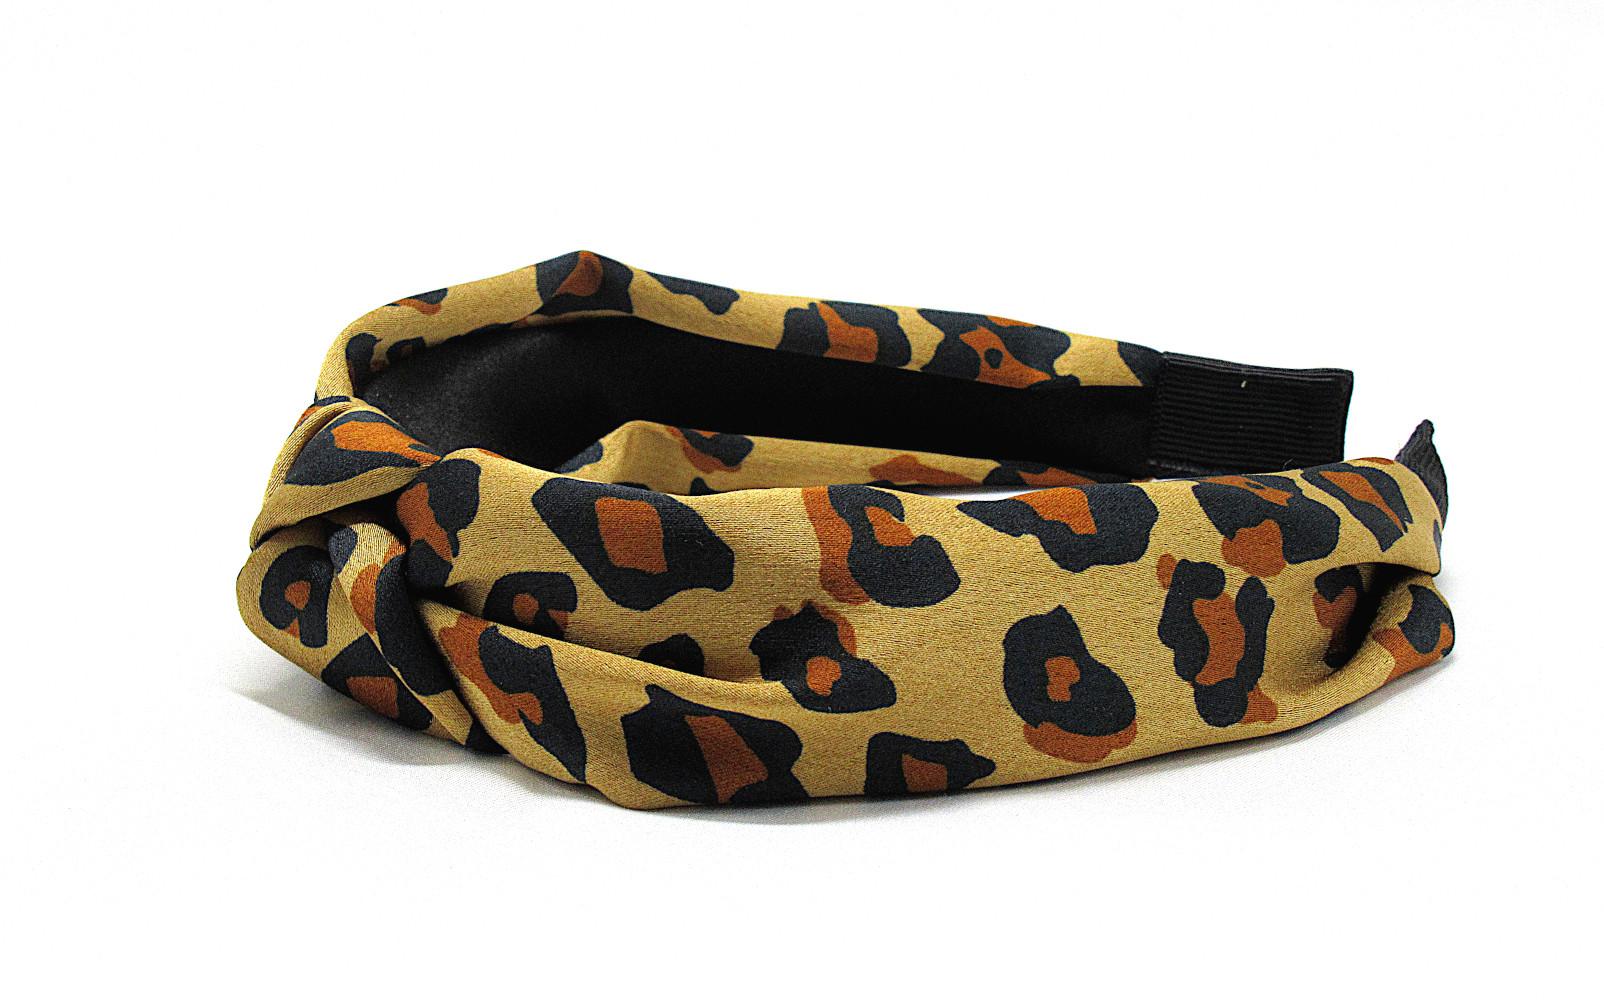 RJ-HB03_Leopard Print Knotted Headband-Brown3